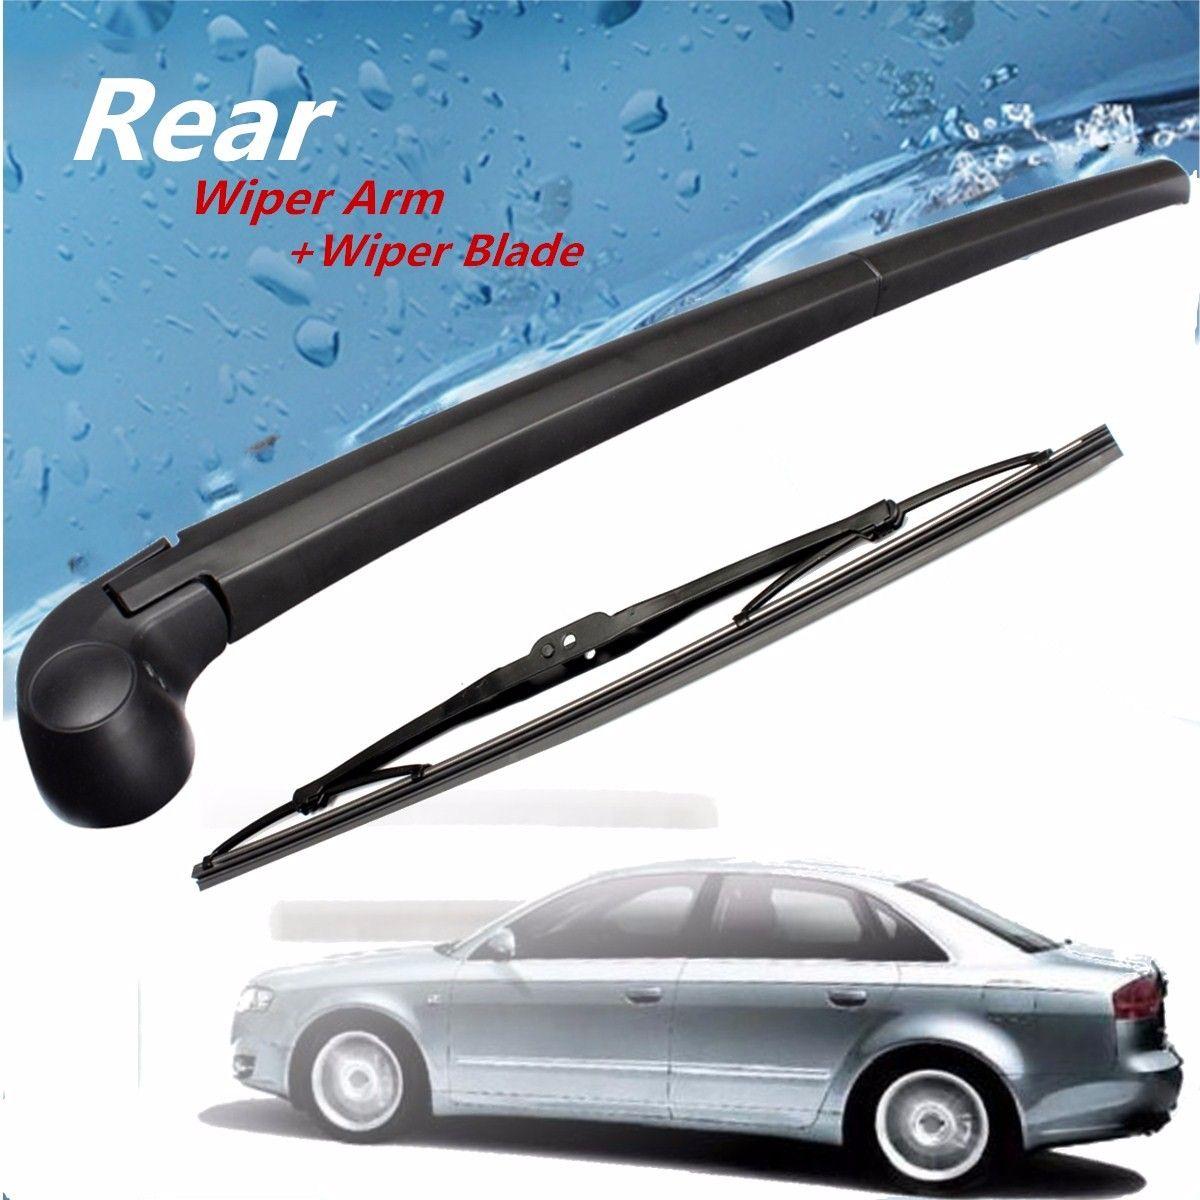 Новый Защита от солнца на заднее стекло Авто стеклоочистителя ARM + blade для Audi A4 b6 b7 Avant/Estate 01-08